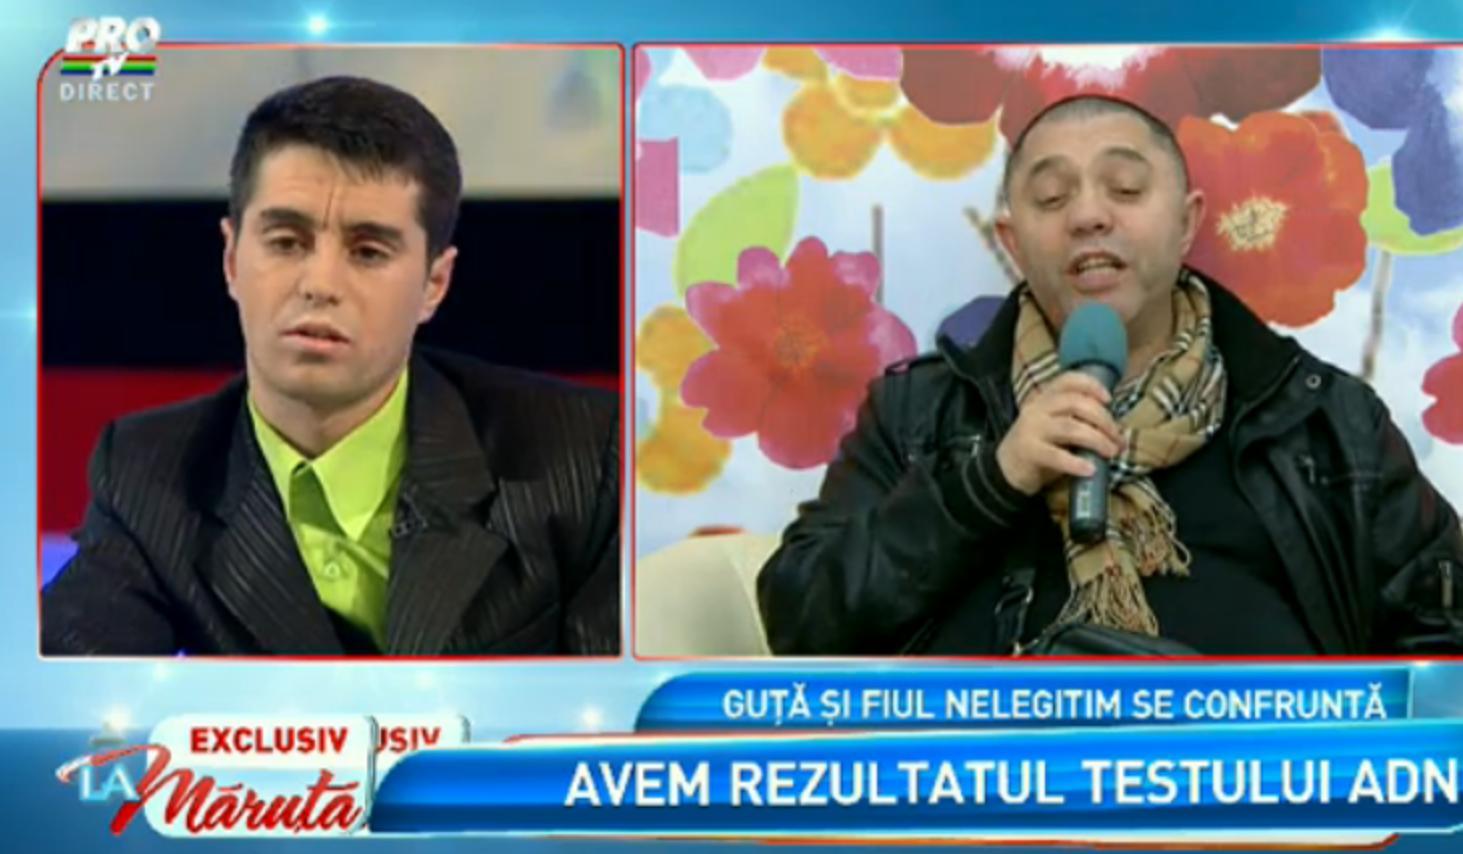 Nicolae Guta NU are inca un fiu. Testul ADN a dovedit acest lucru